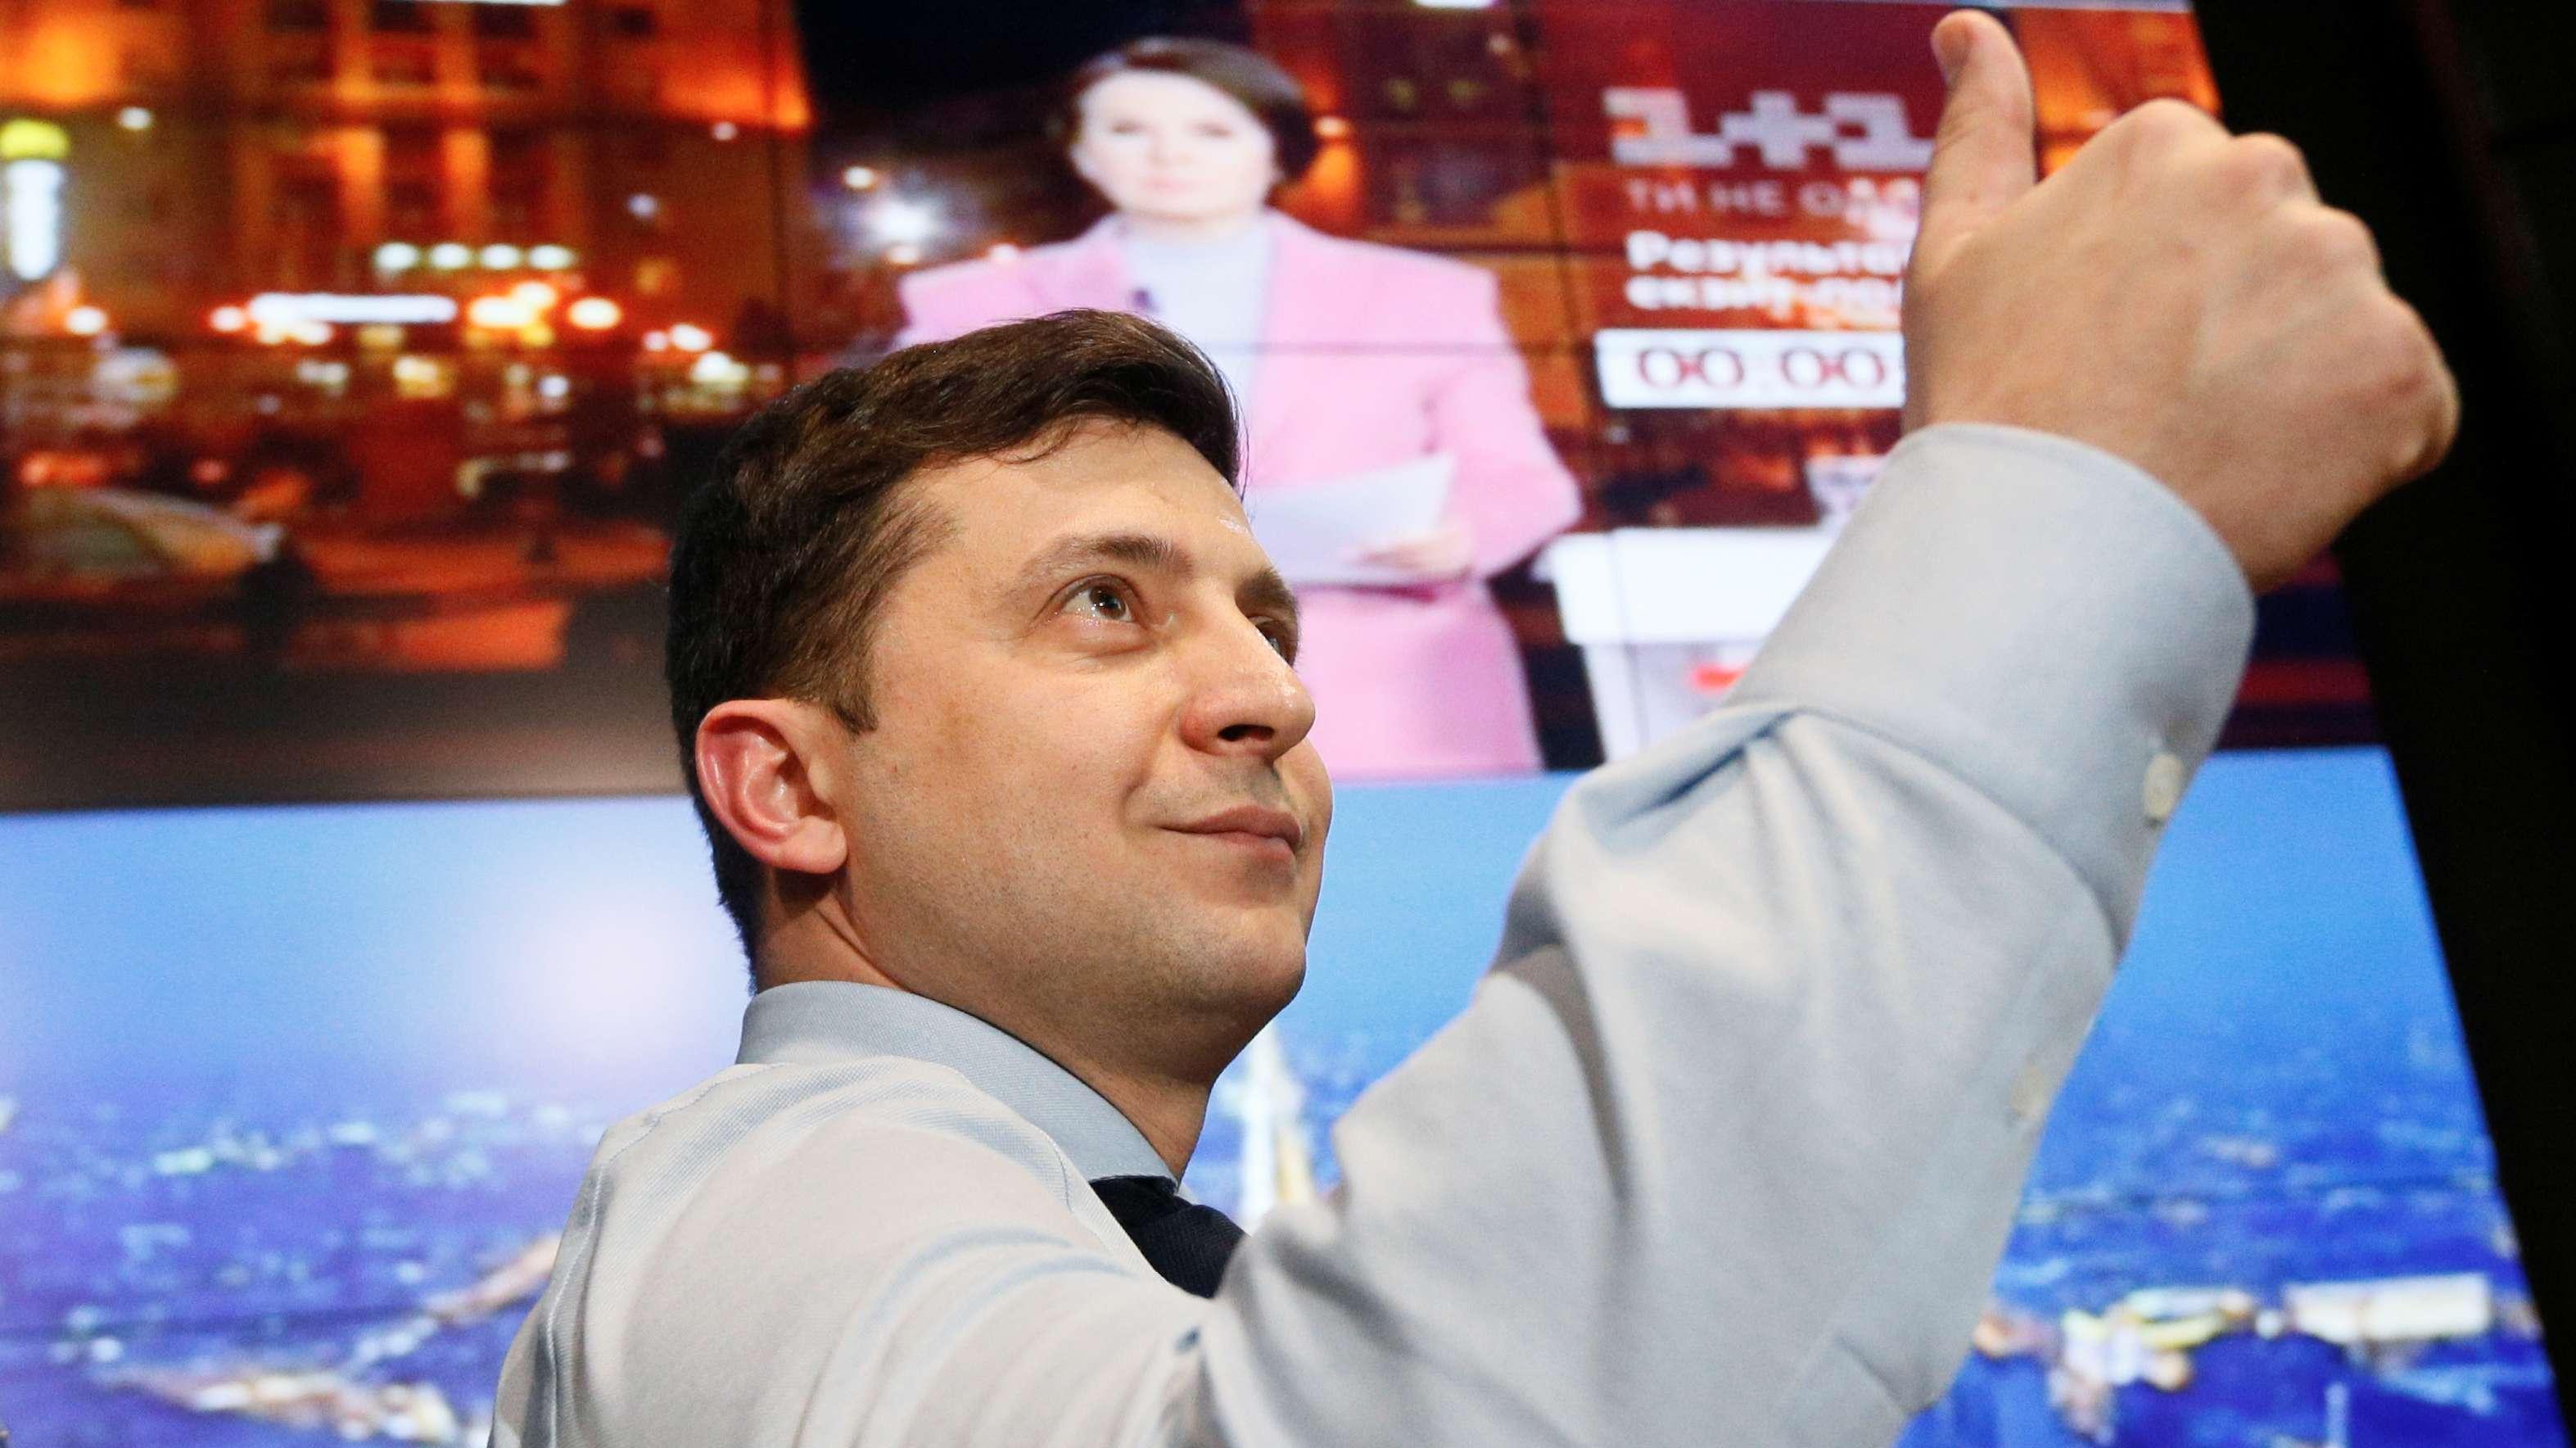 Bei der Präsidentenwahl in der Ukraine liegt der Komiker Selenskij ersten Prognosen zufolge mit rund 30 Prozent vorn.